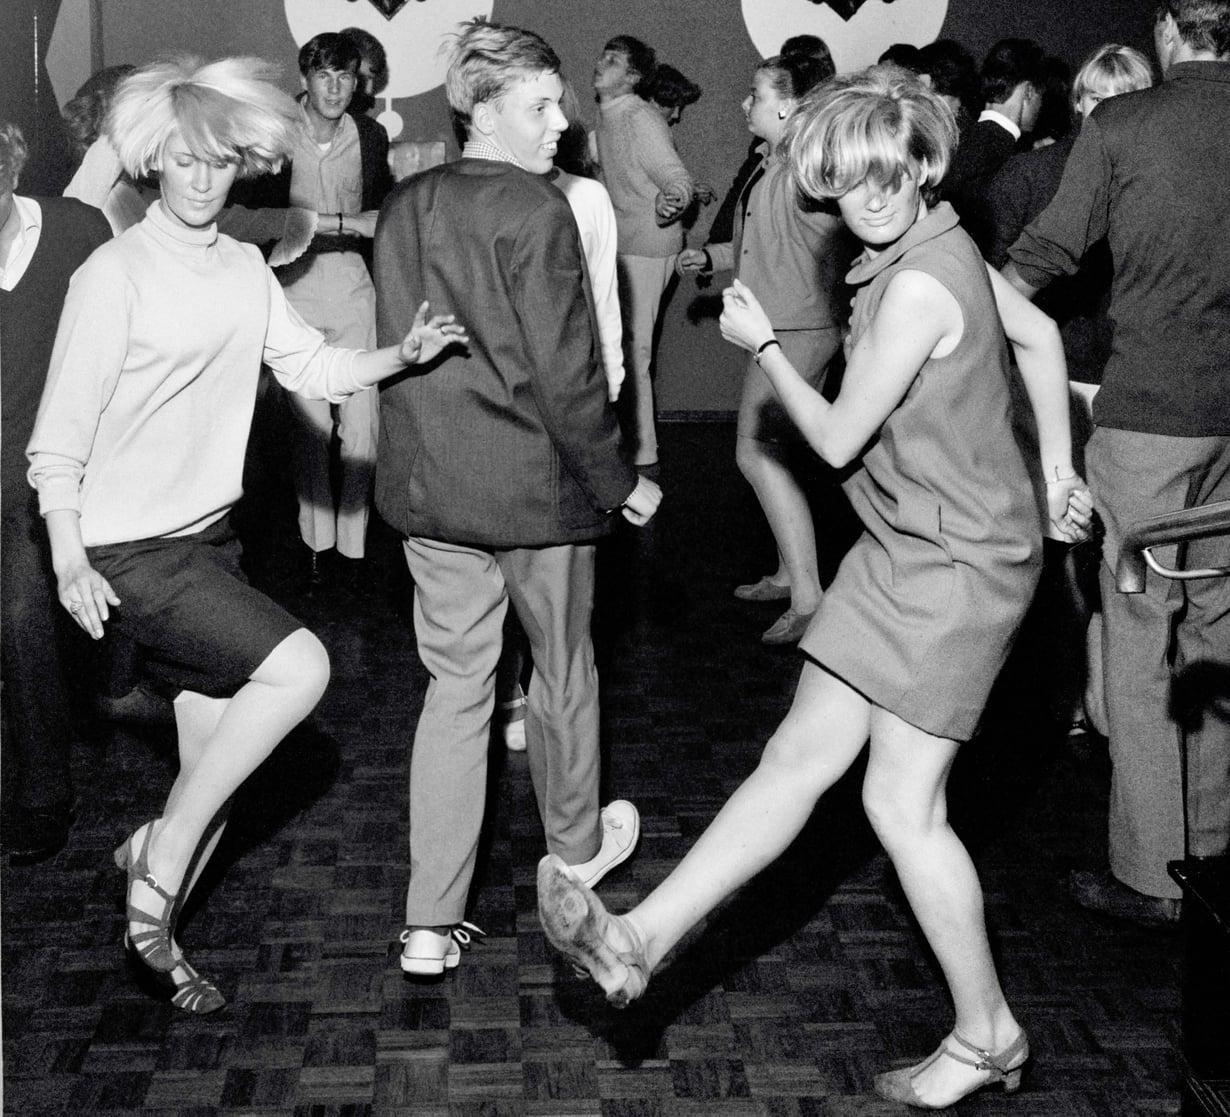 Suomen go-go-mestarit Aila Vaittinen ja Pia Tennberg pistävät parastaan television Nuorten tanssihetki -musiikkiohjelmassa syksyllä 1966.